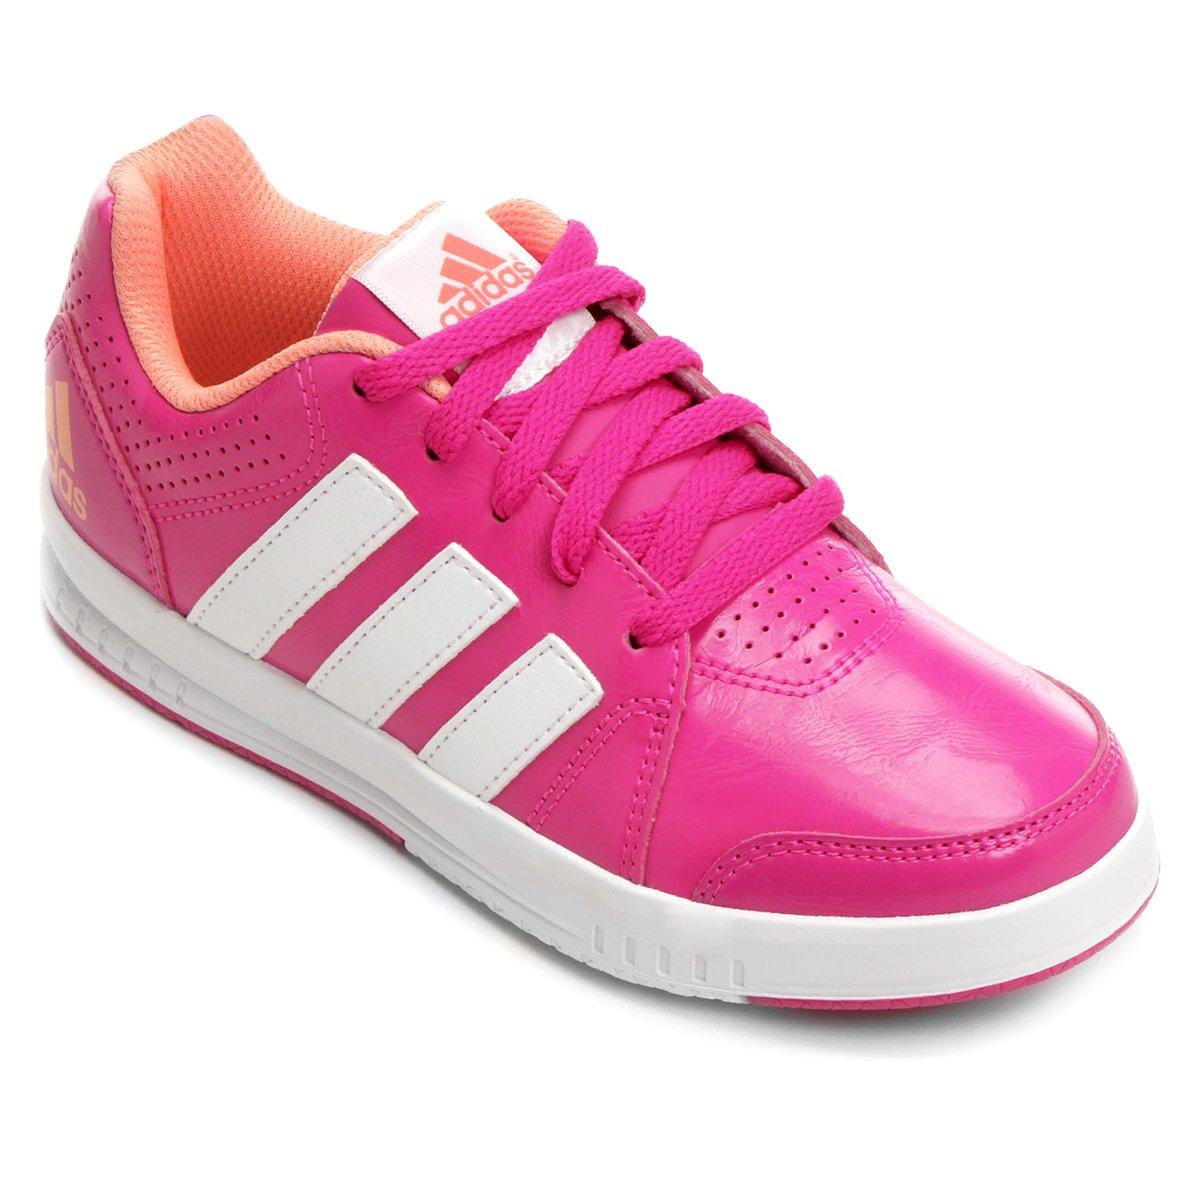 50d70208f8e Tênis Adidas Lk Trainer 7 Synth Infantil - Compre Agora